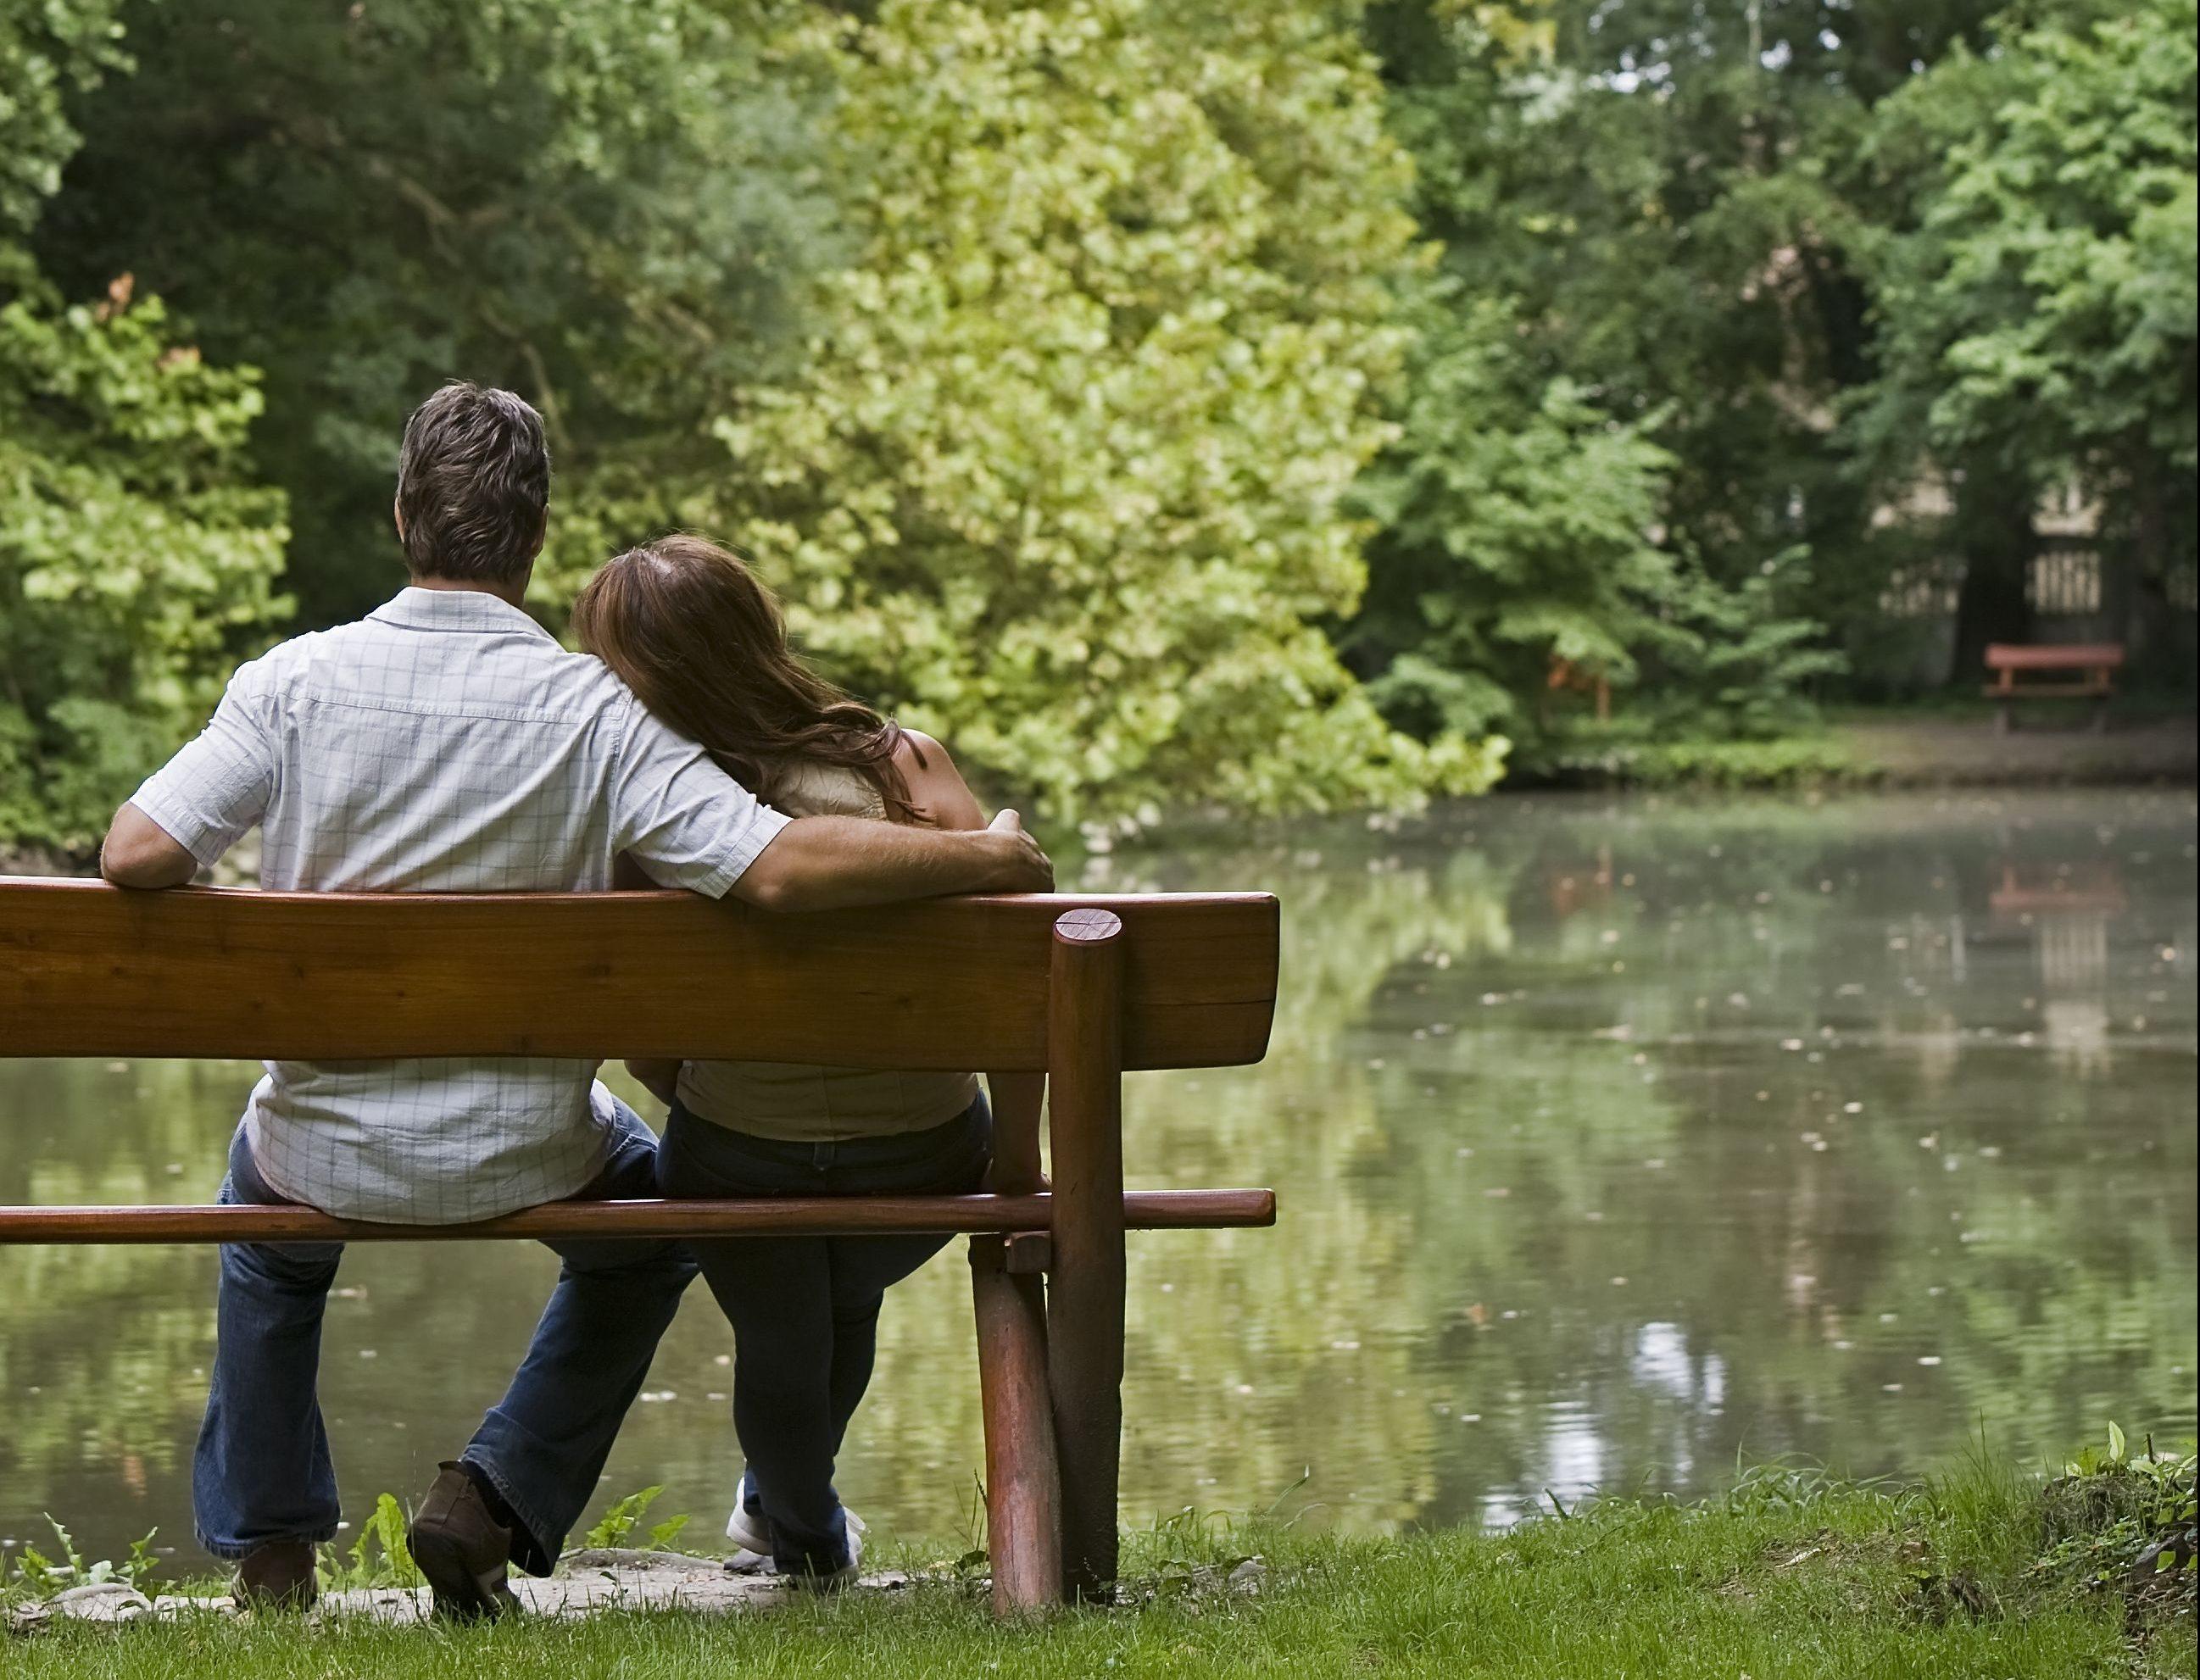 Romantikus ücsörgés a tóparton